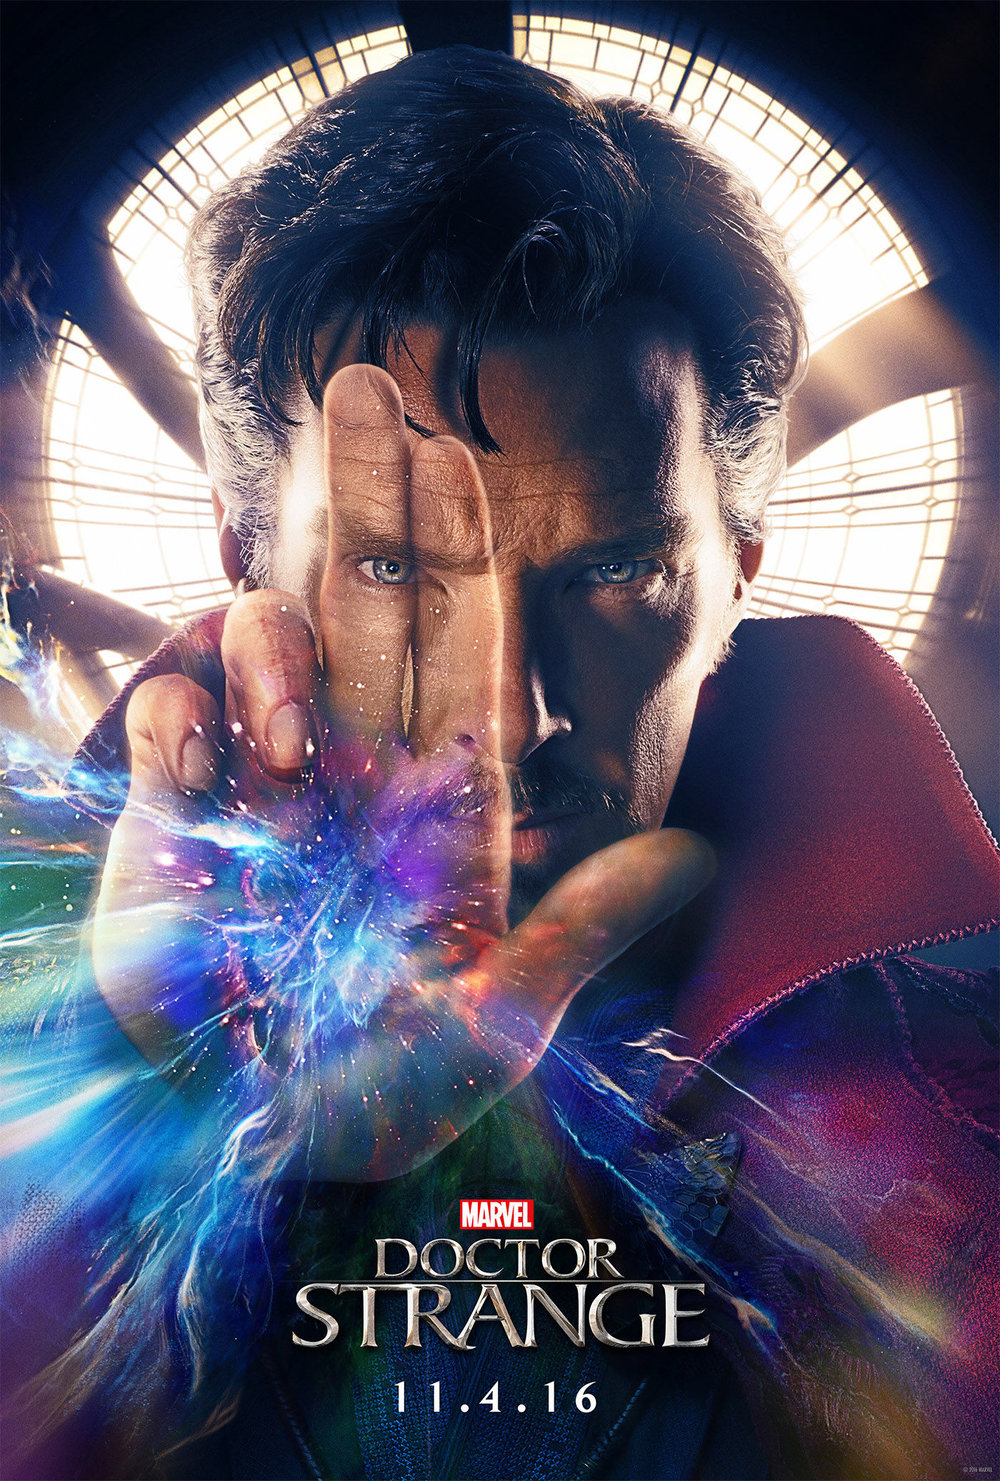 Doctor-Strange-Poster.jpg